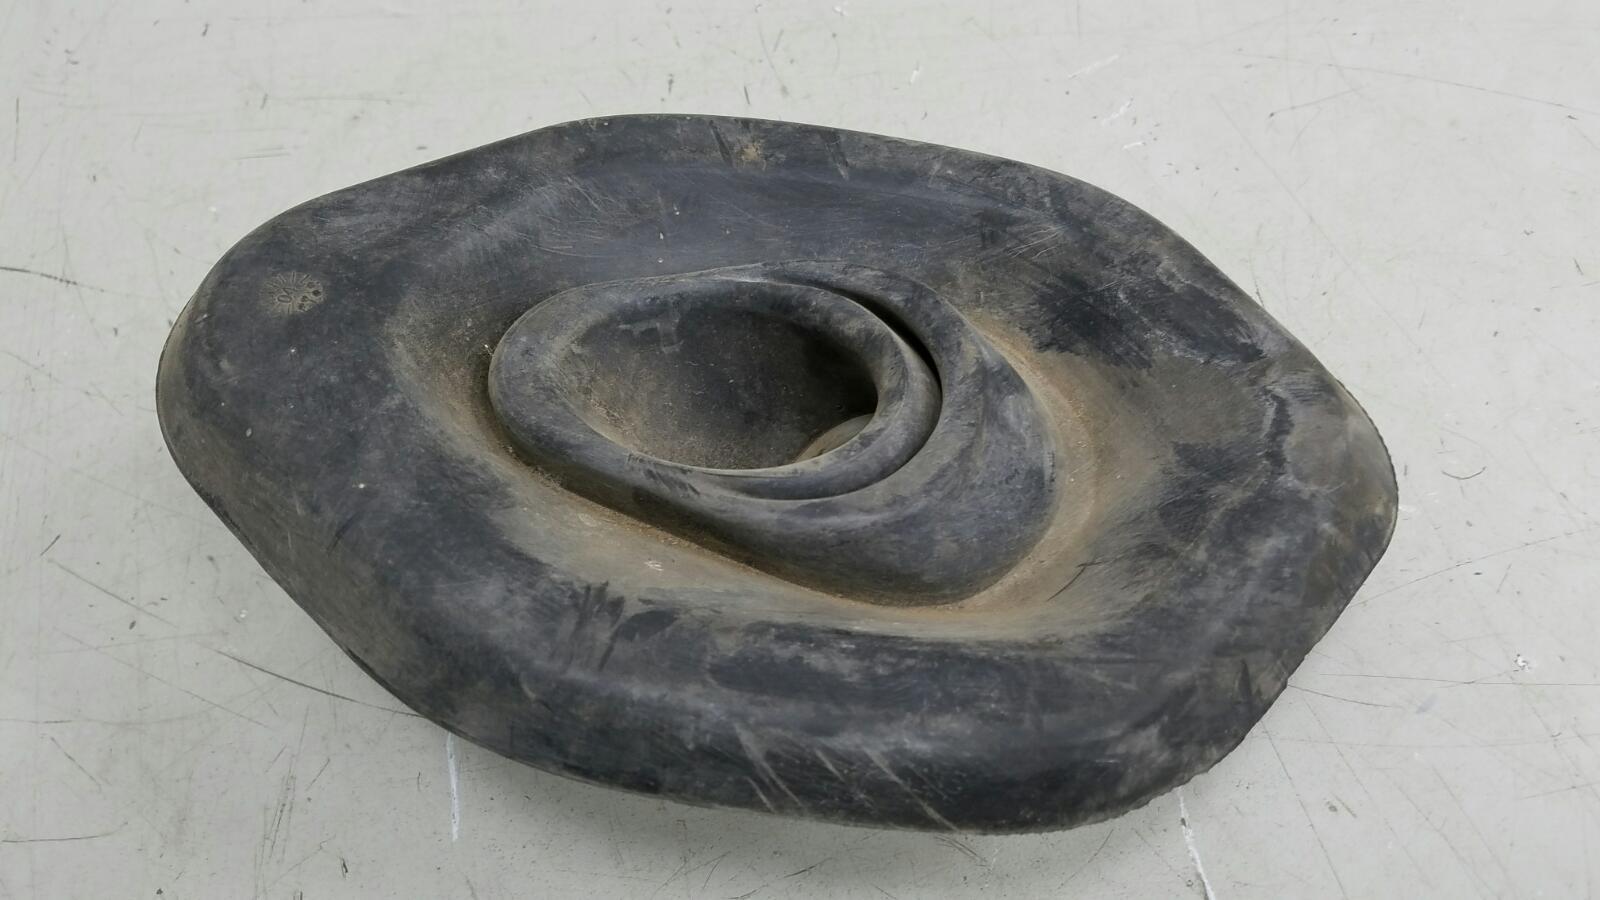 Пыльник рулевой колонки Porshe Cayenne 955 M48.00 2004